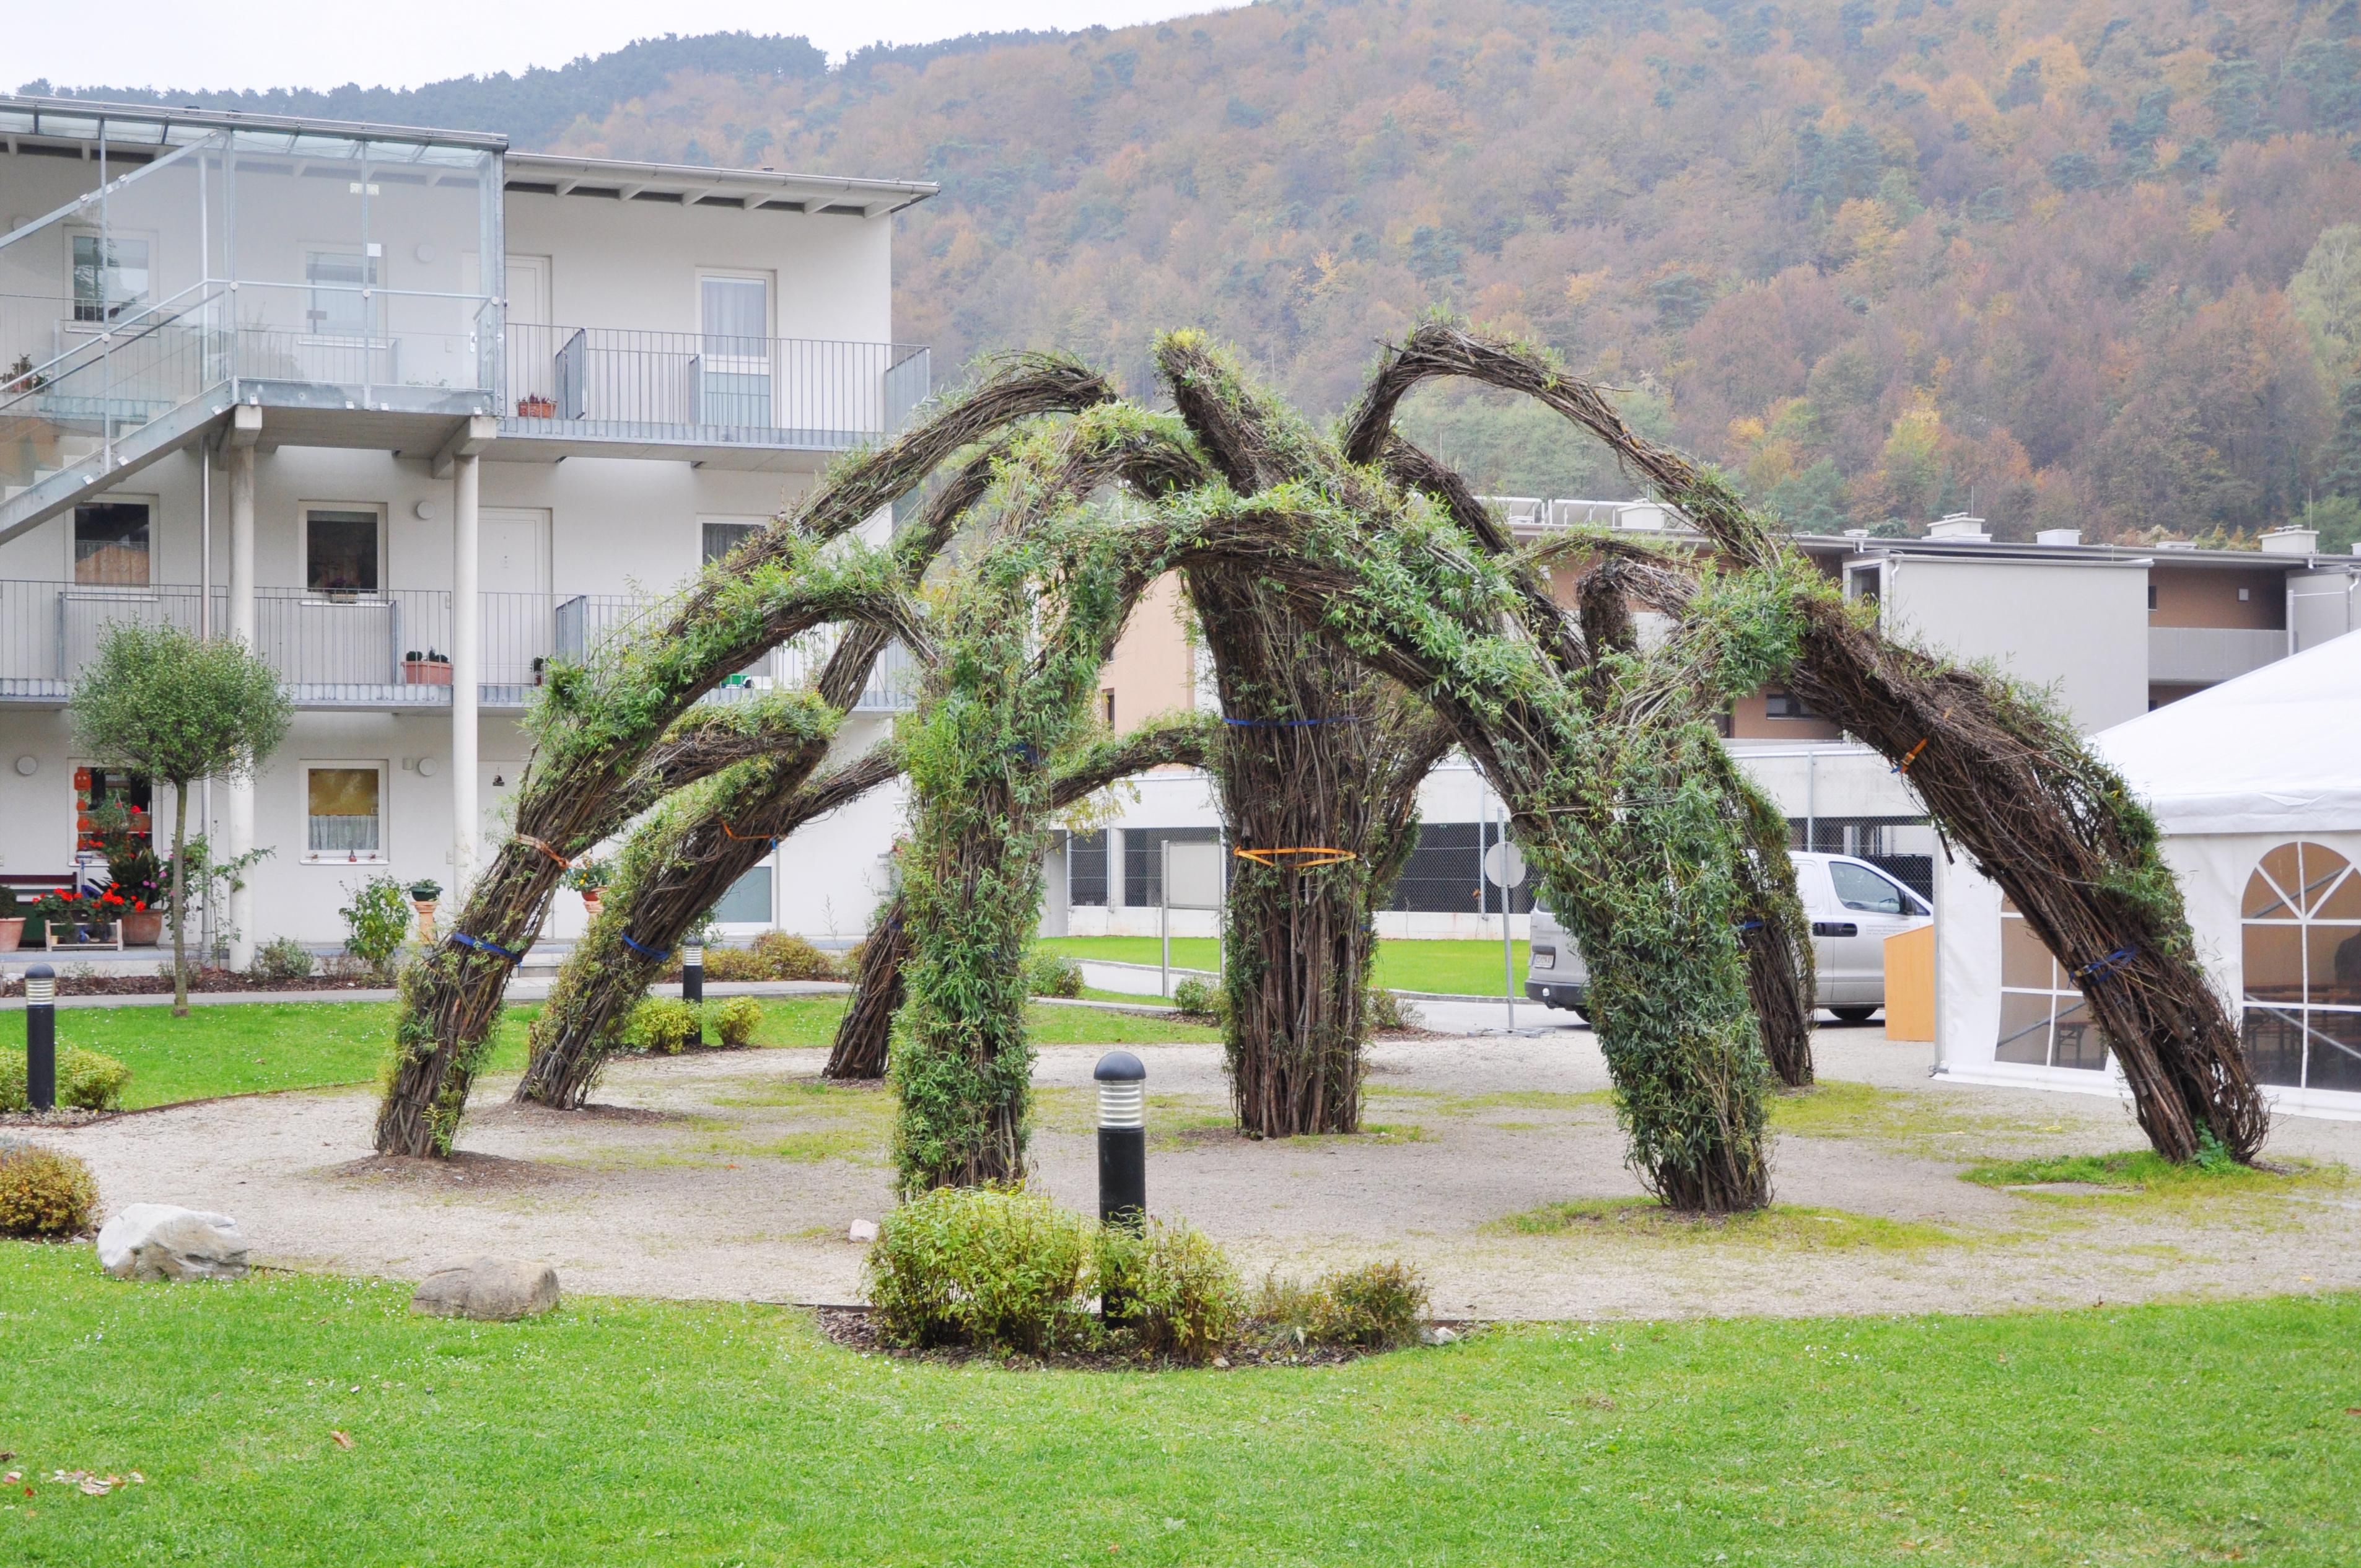 Weidendom in Krems Rehberg